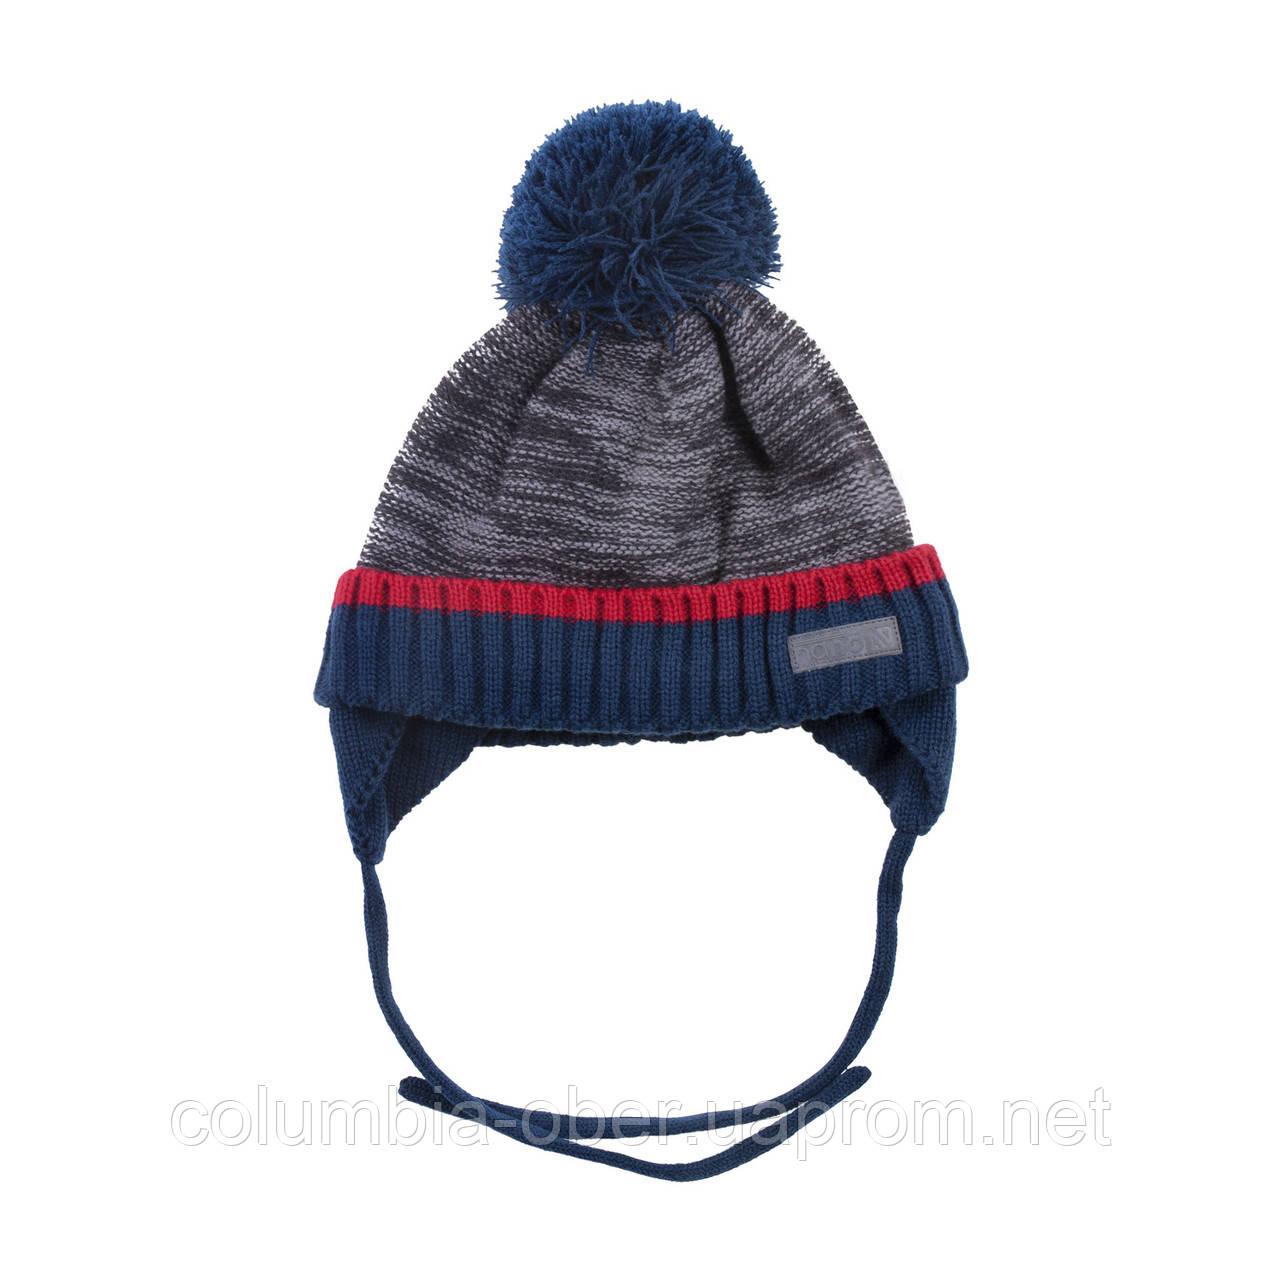 Зимняя детская шапка для мальчика Nano F18 TU 275 Deep Gray. Размеры 12/24 мес - 5/6X.